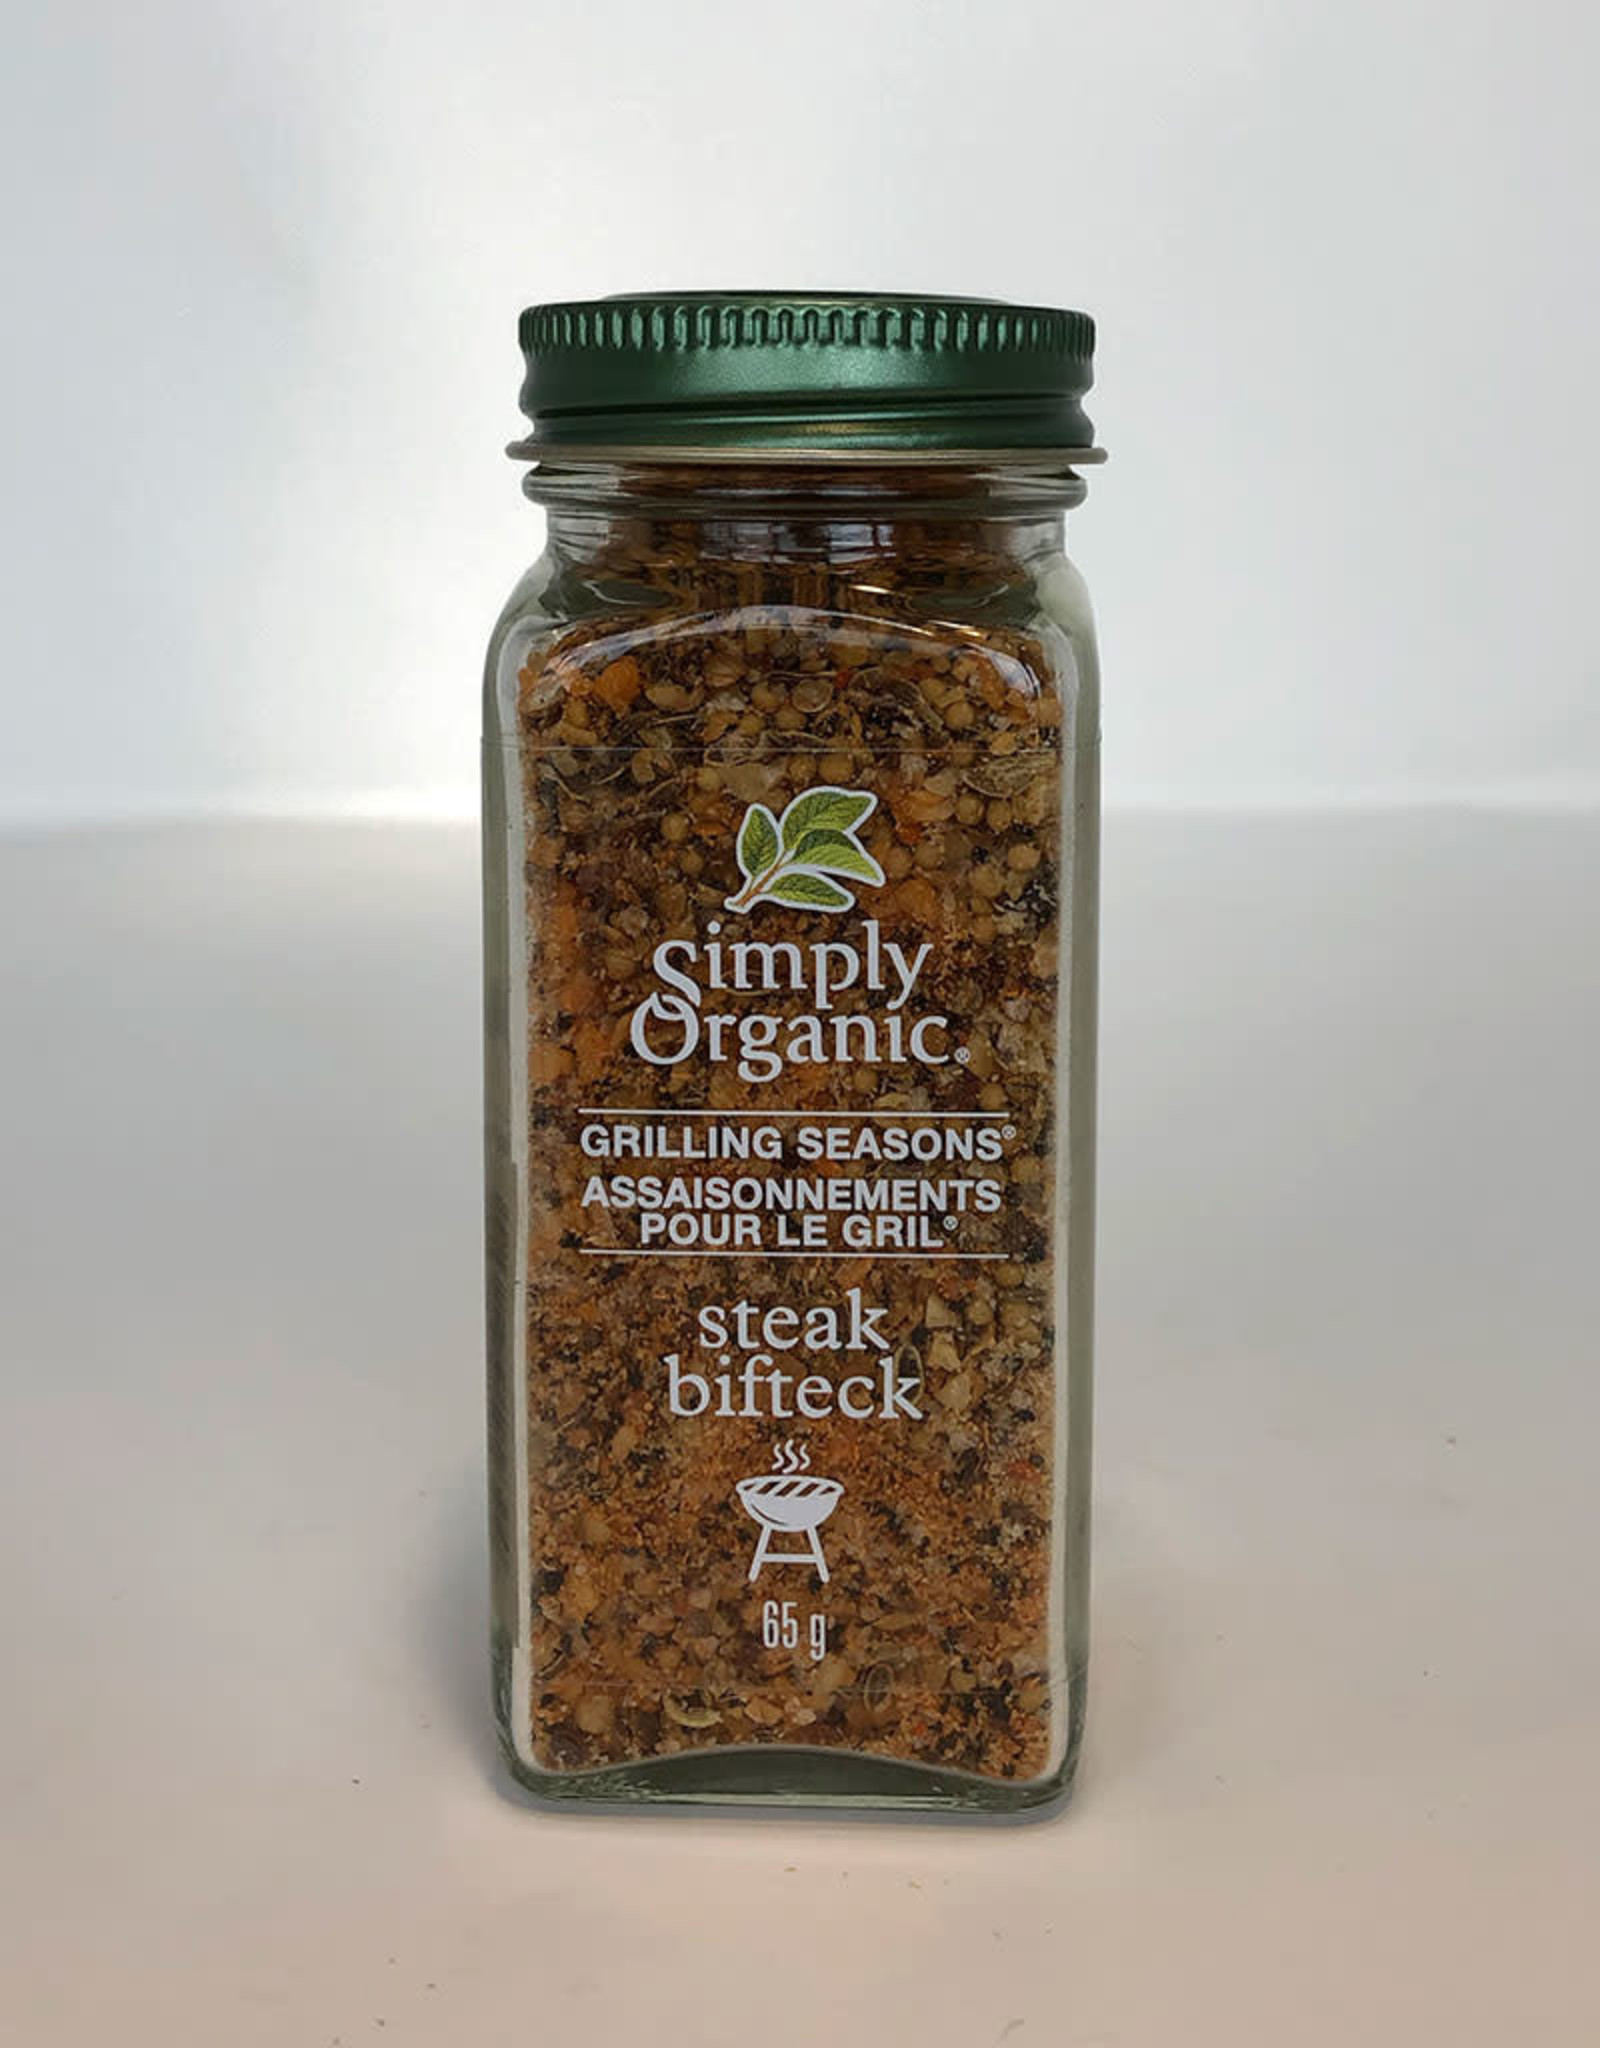 Simply Organic Simply Organic - Assaisonnements Pour le Gril, Bifteck (65g)